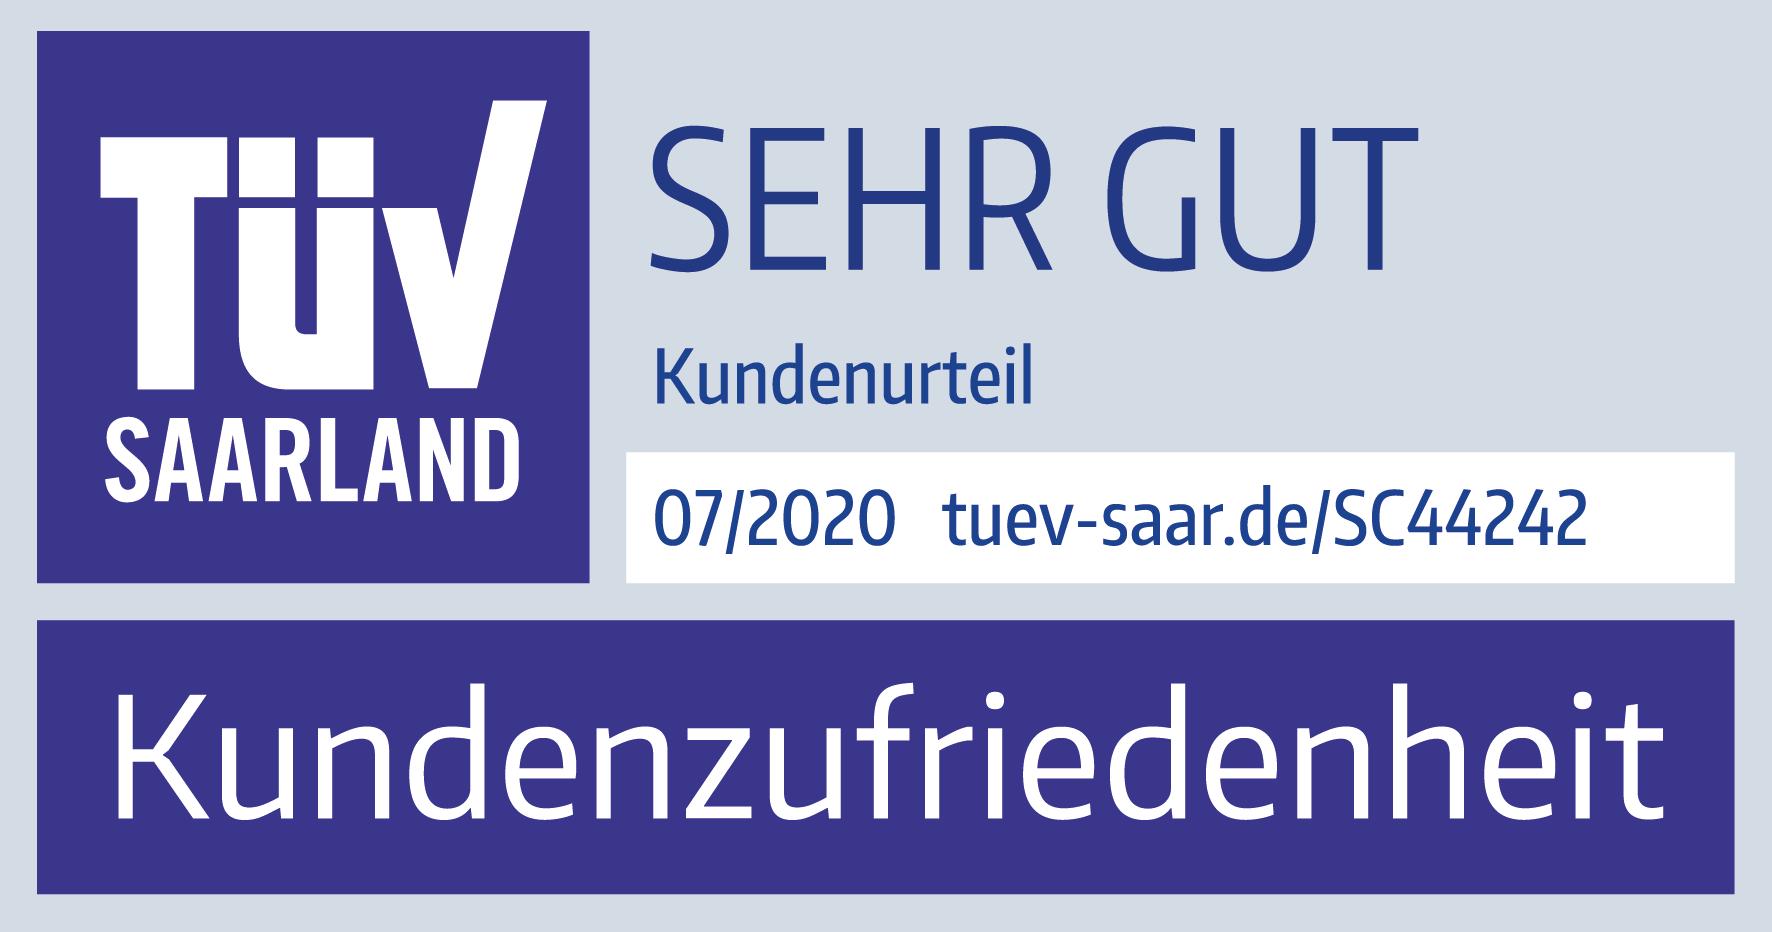 TÜV Saarland - Kundenzufriedenheit hepster